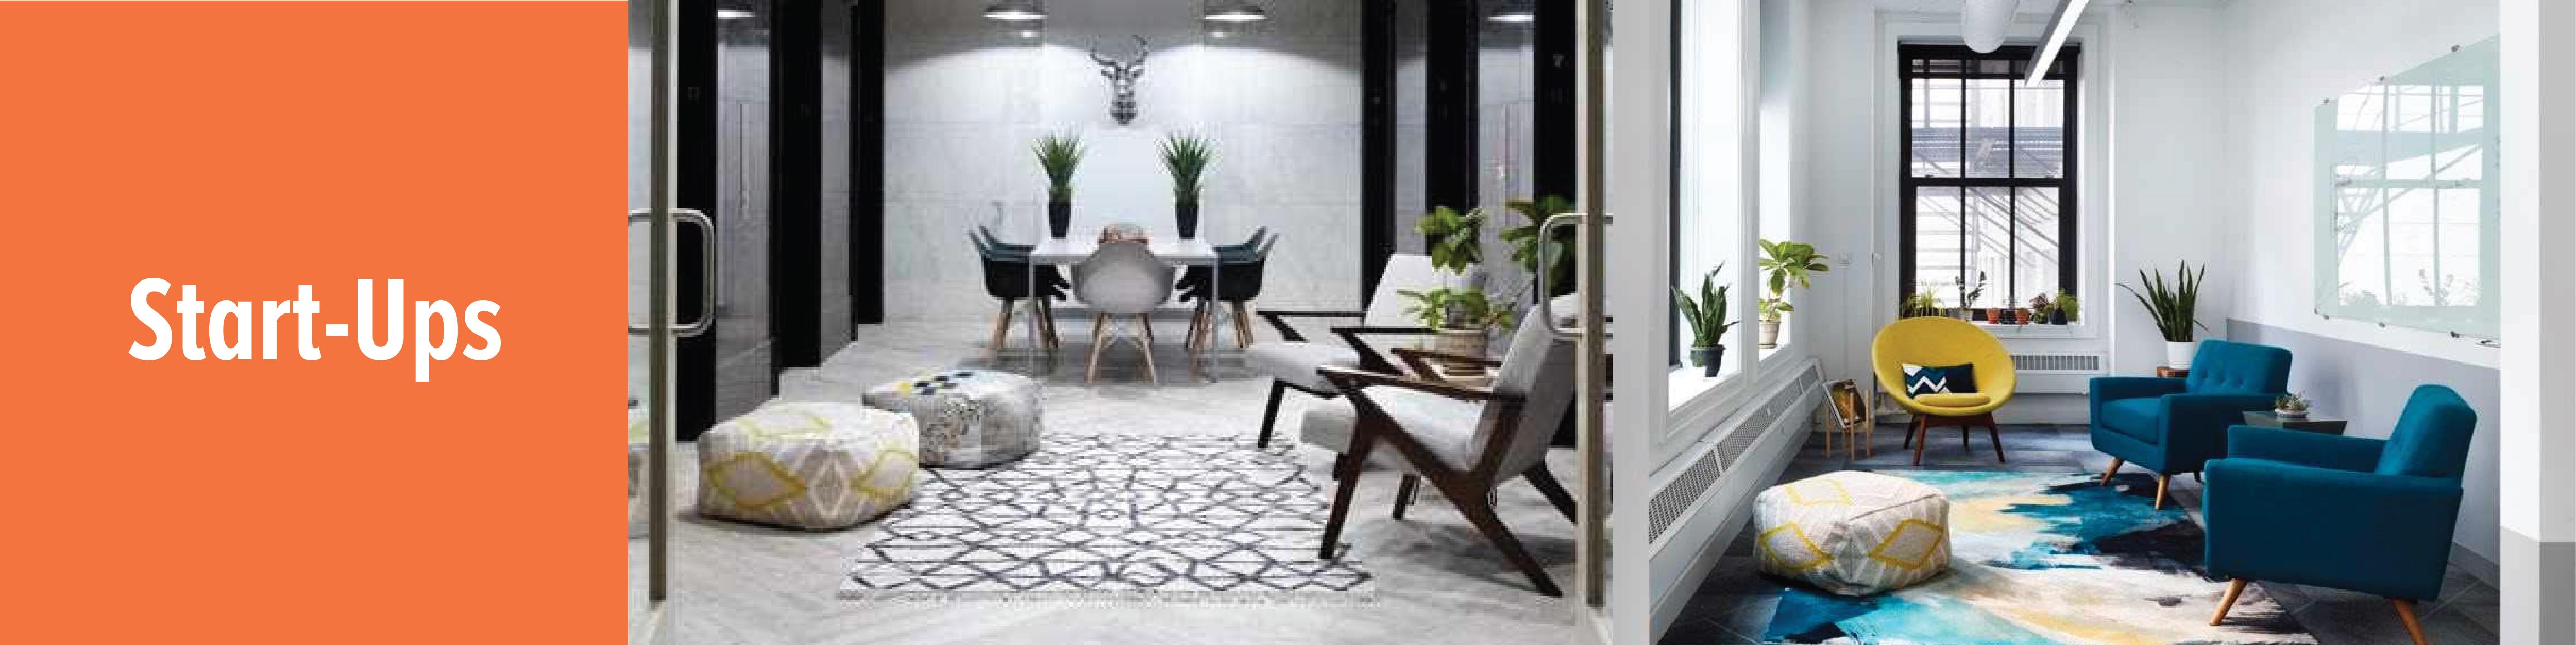 Start-Up Furniture